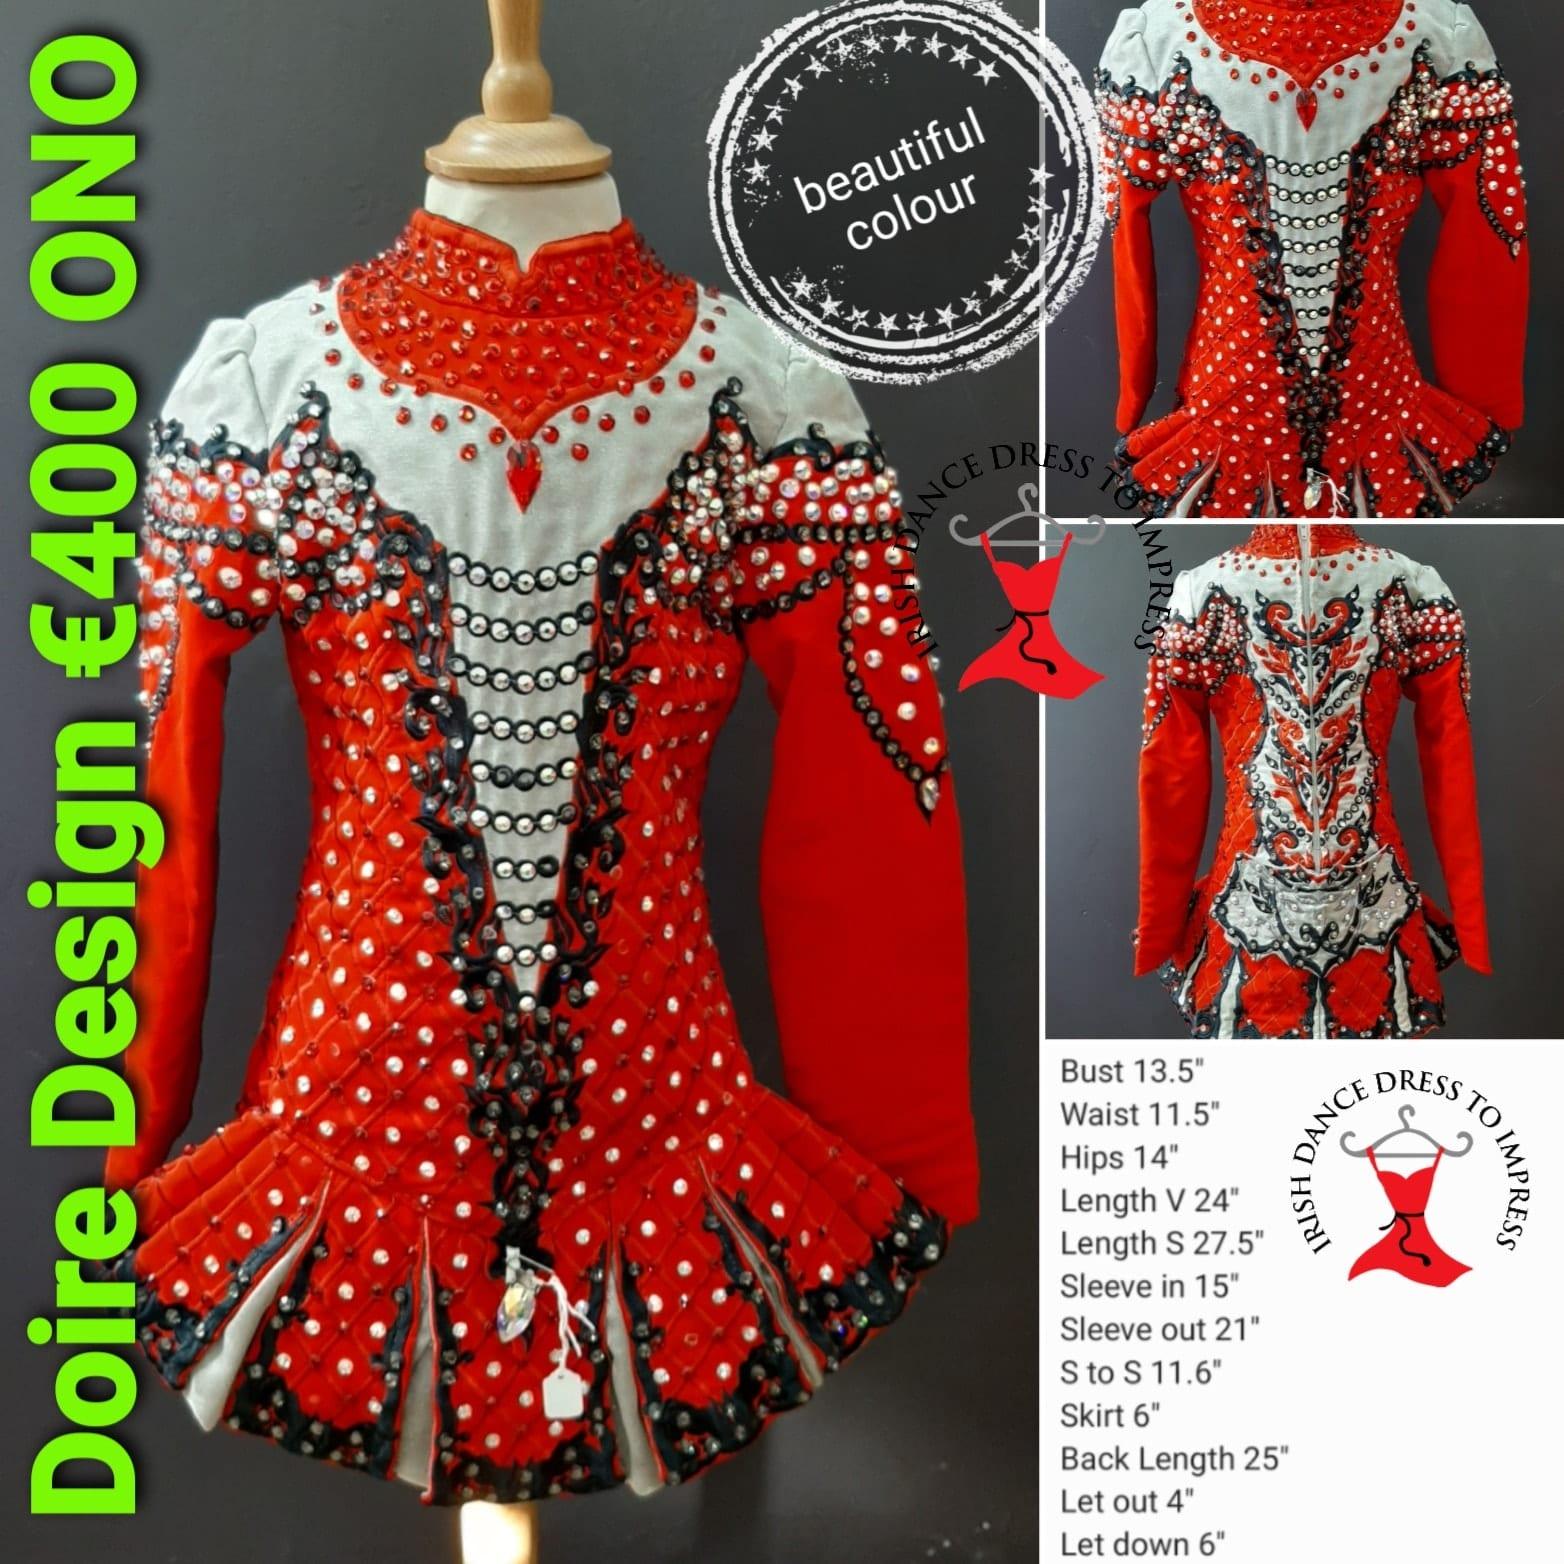 Dress #3023